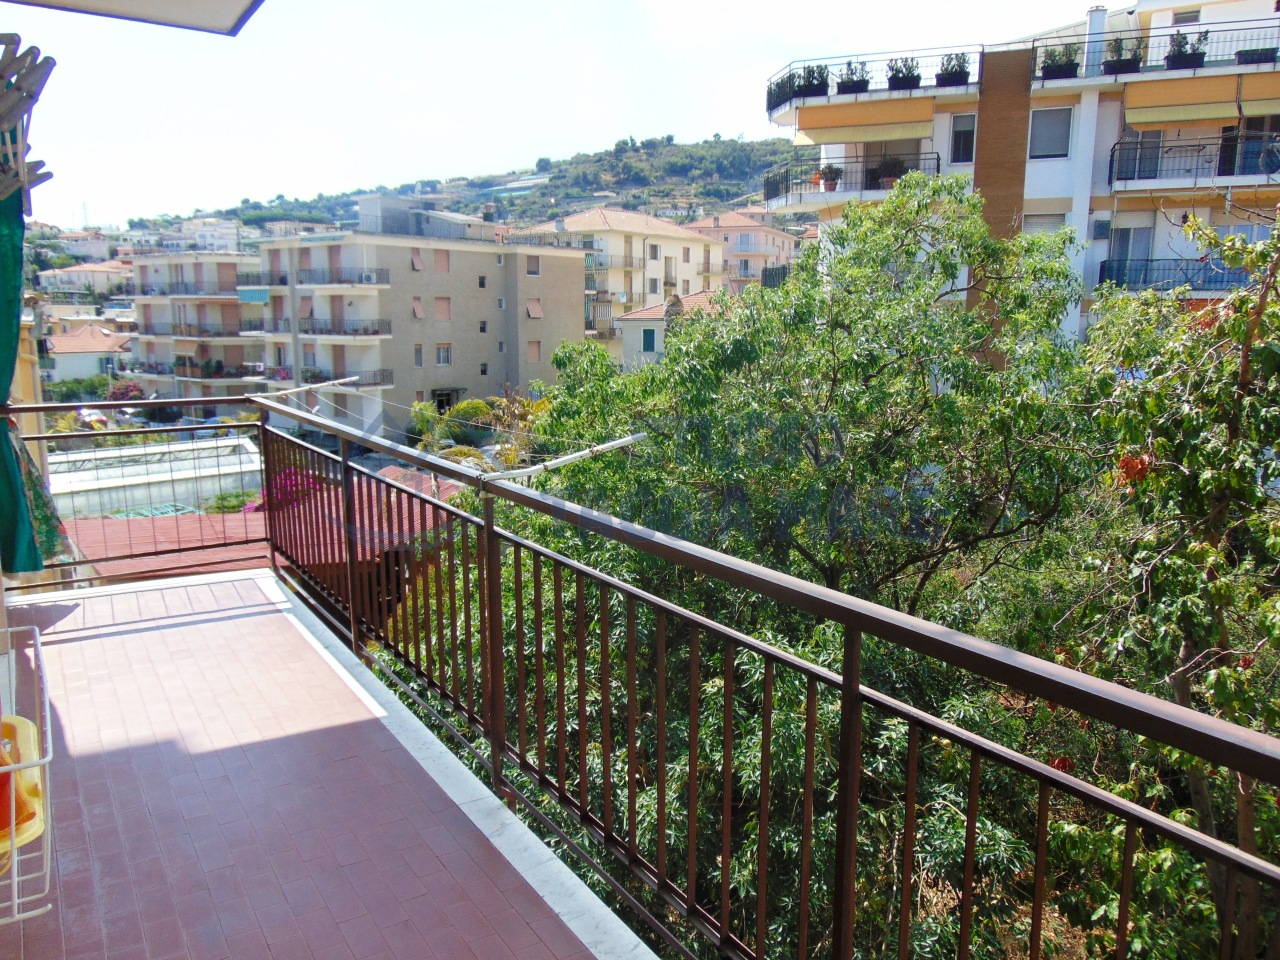 Appartamento in vendita a Taggia, 2 locali, prezzo € 120.000 | CambioCasa.it